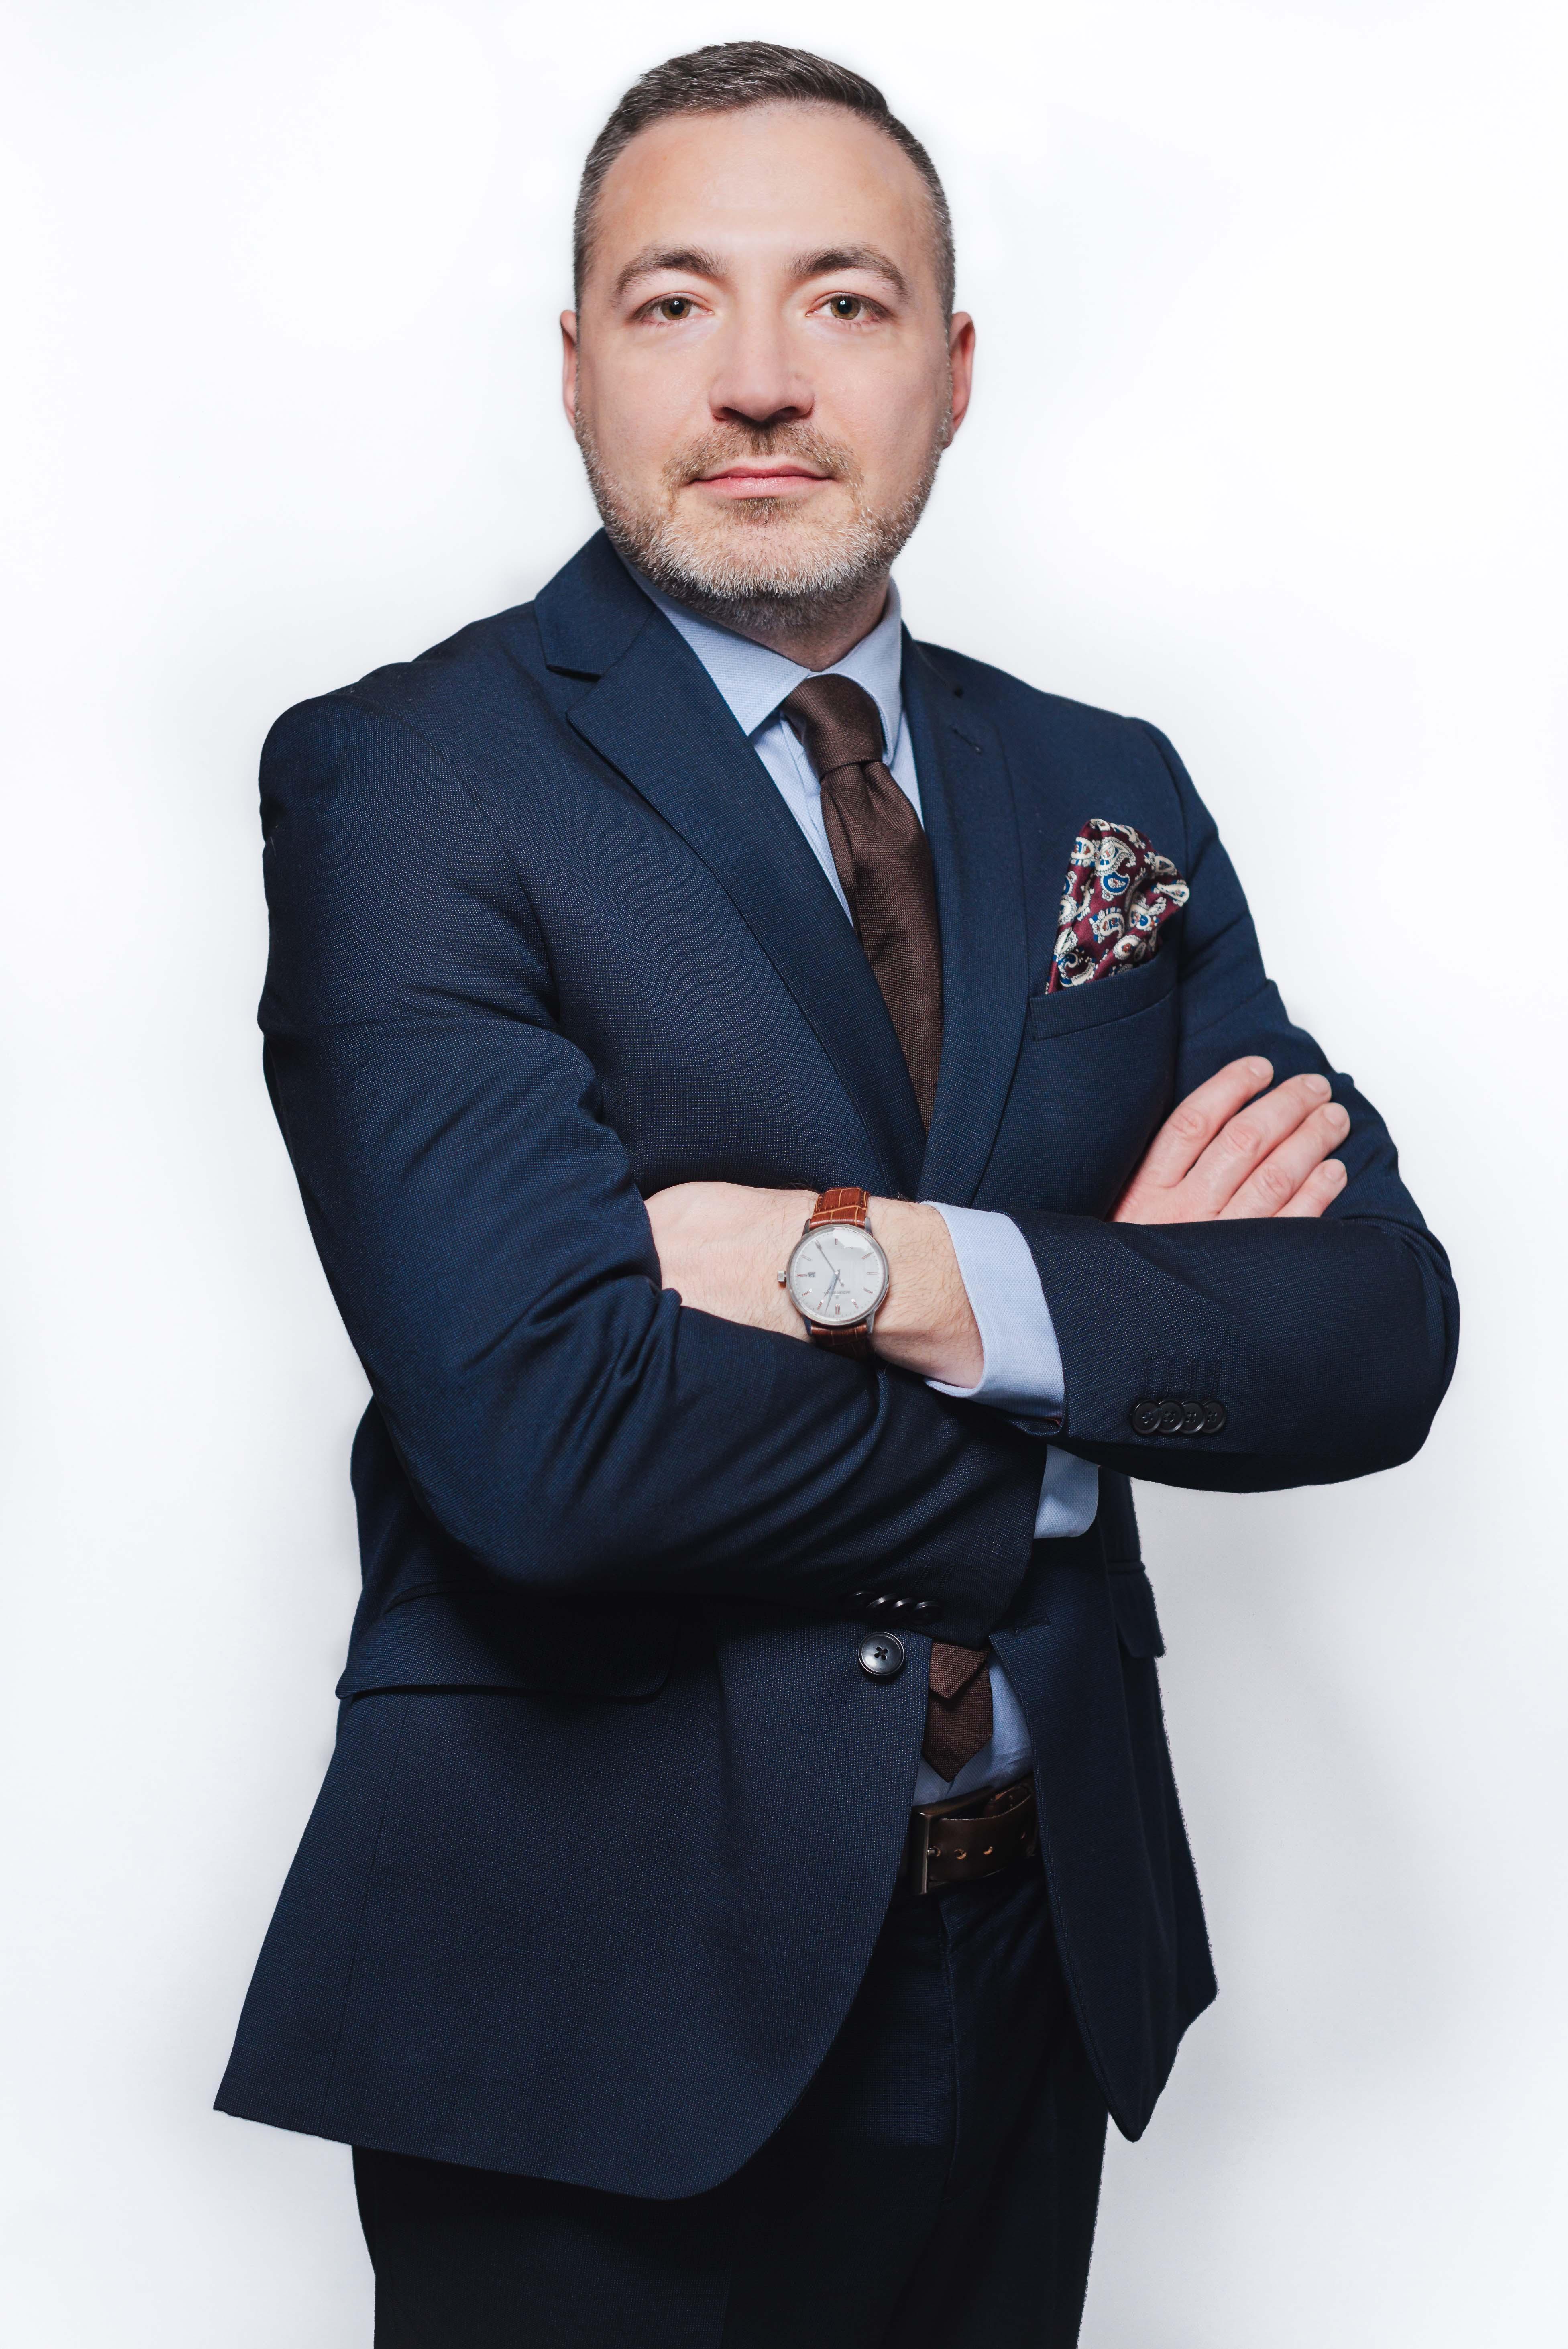 Bartłomiej Koziara